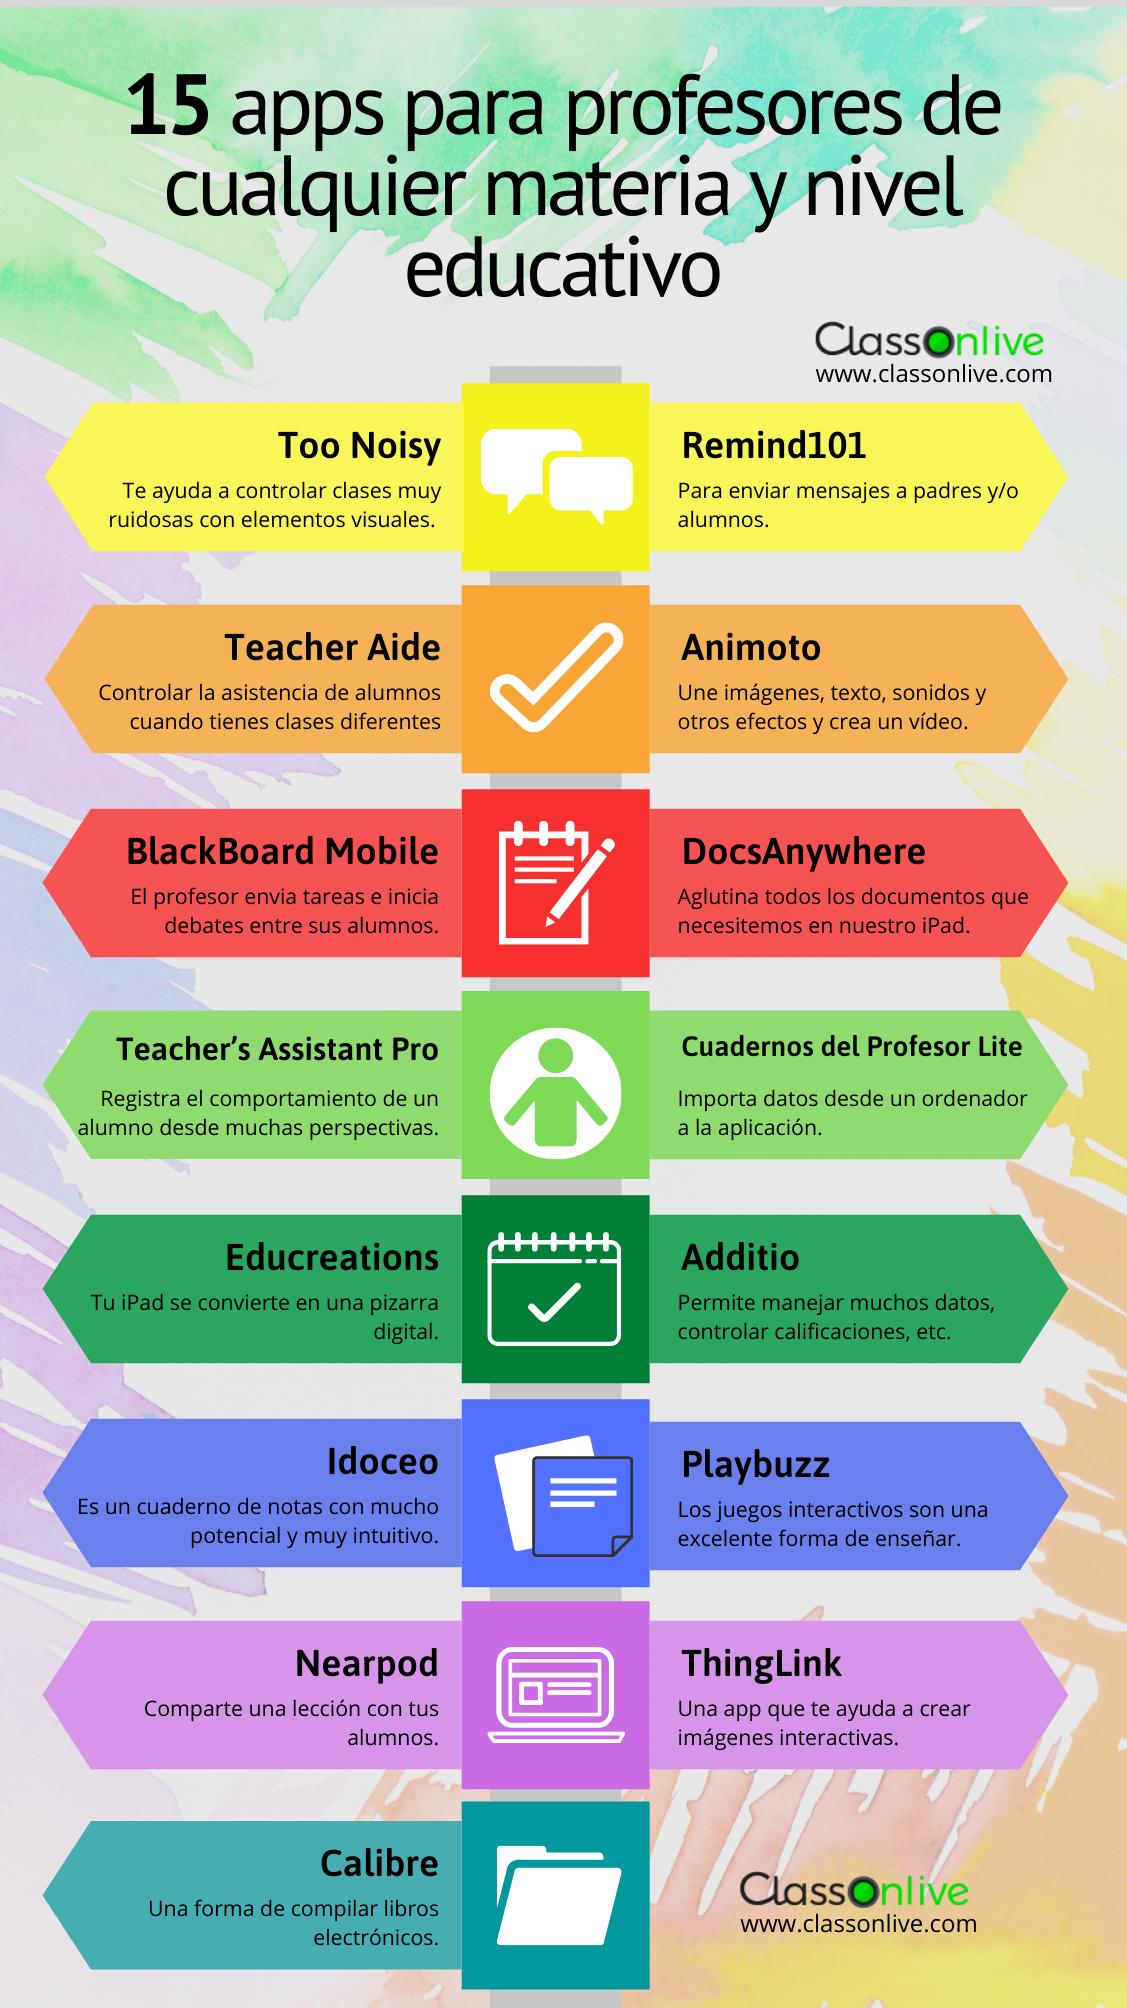 Apps para profesores